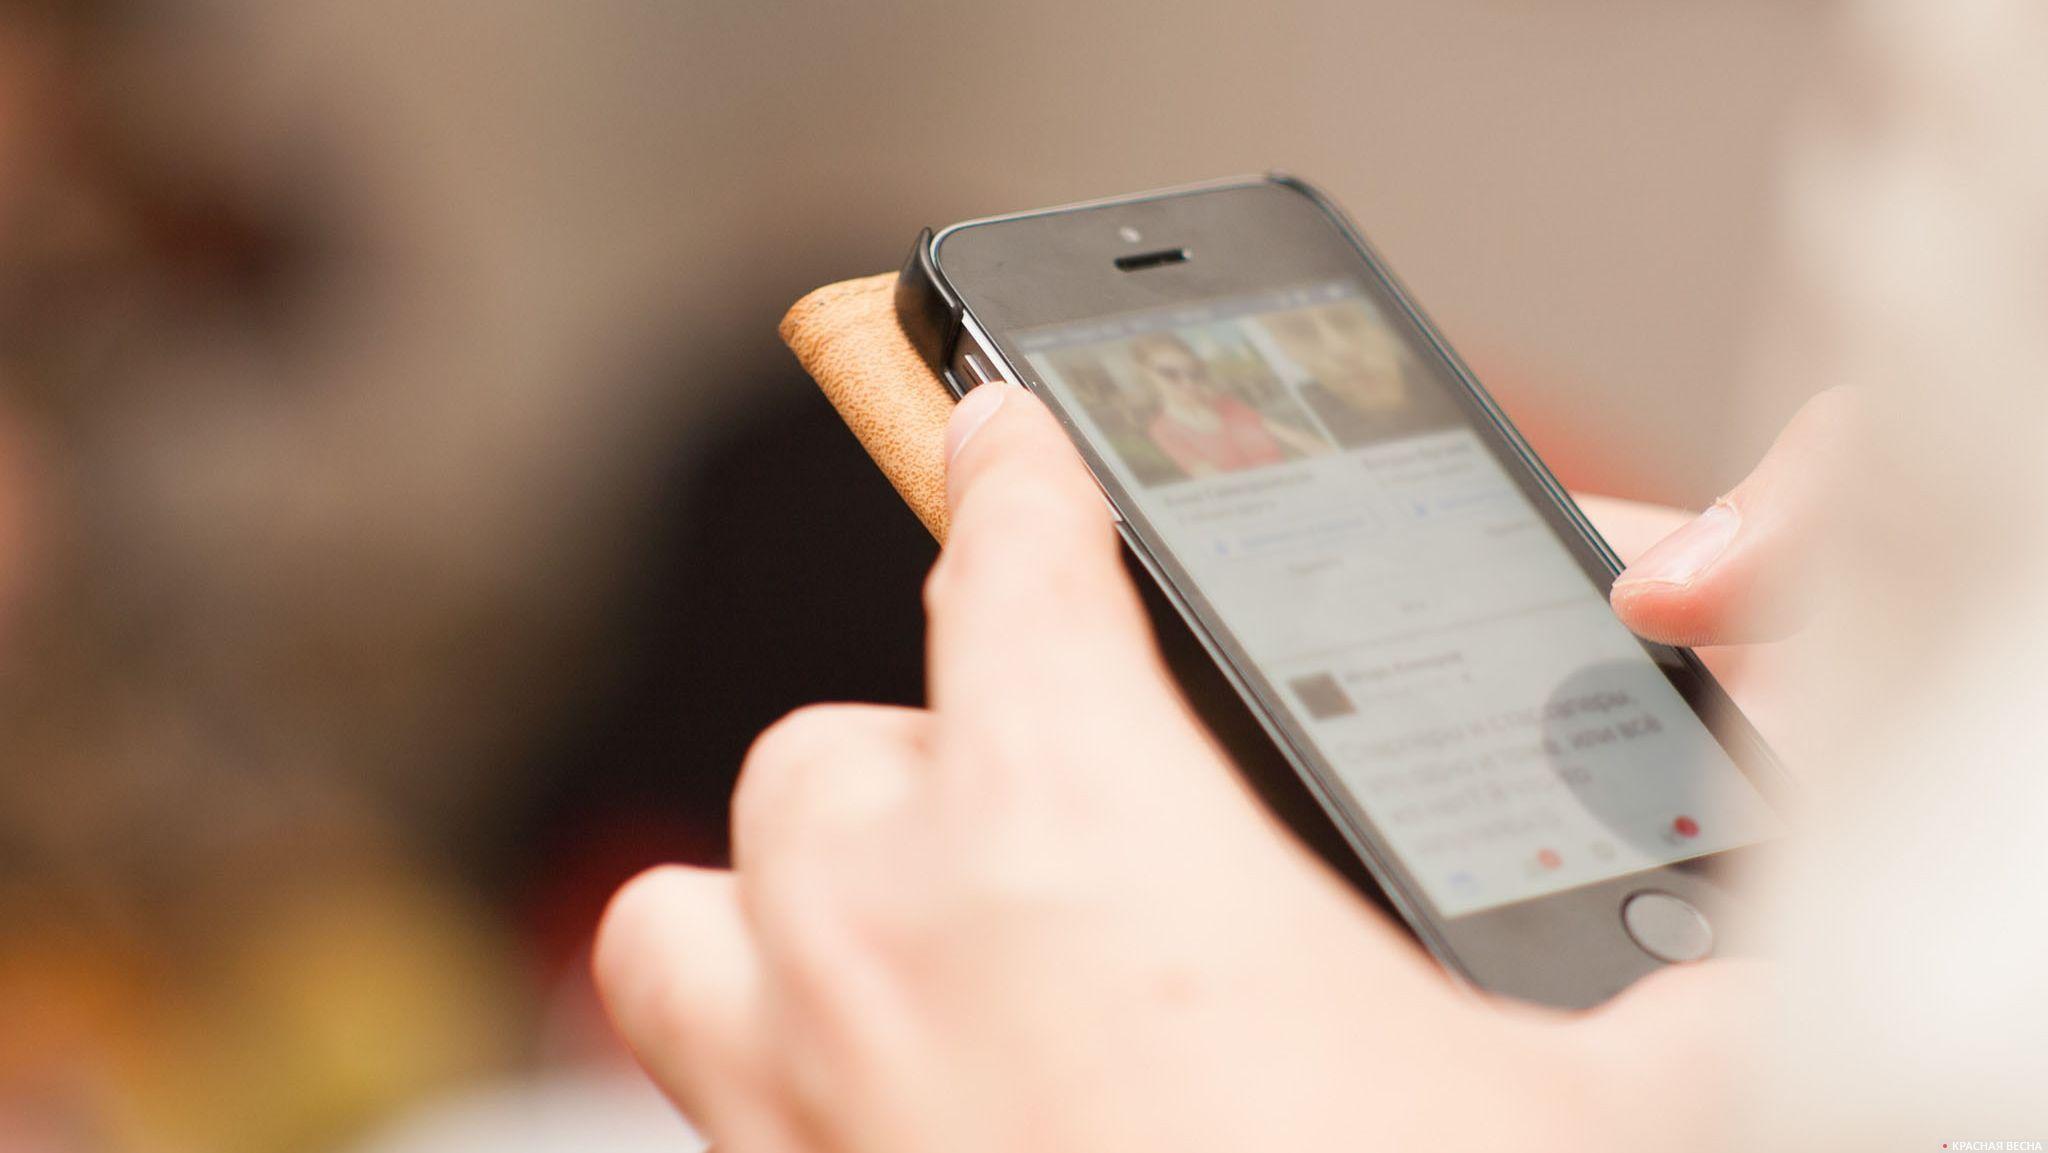 Тотальный контроль мобильных переводов граждан может дискредитировать цифровизацию – мажилисмен